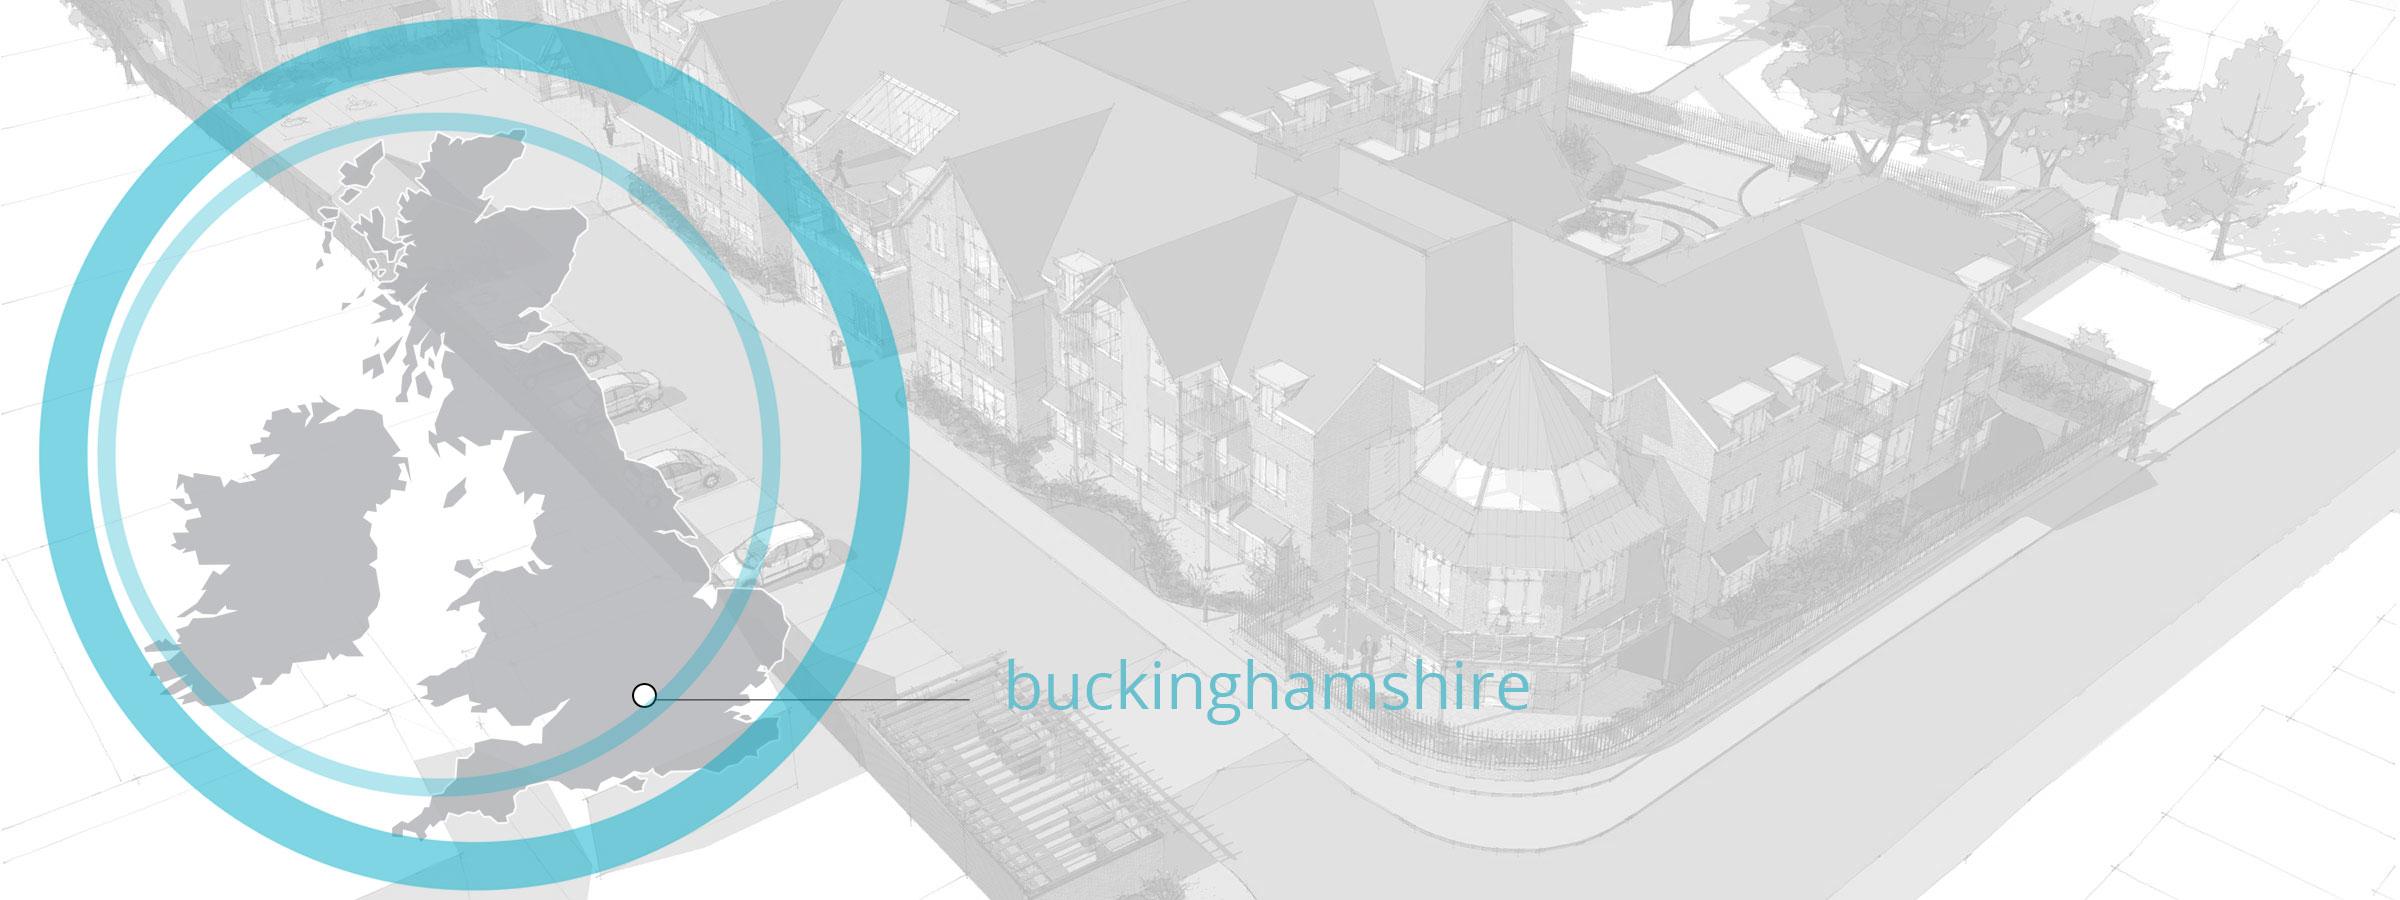 KJ Architects Bukinghamshire